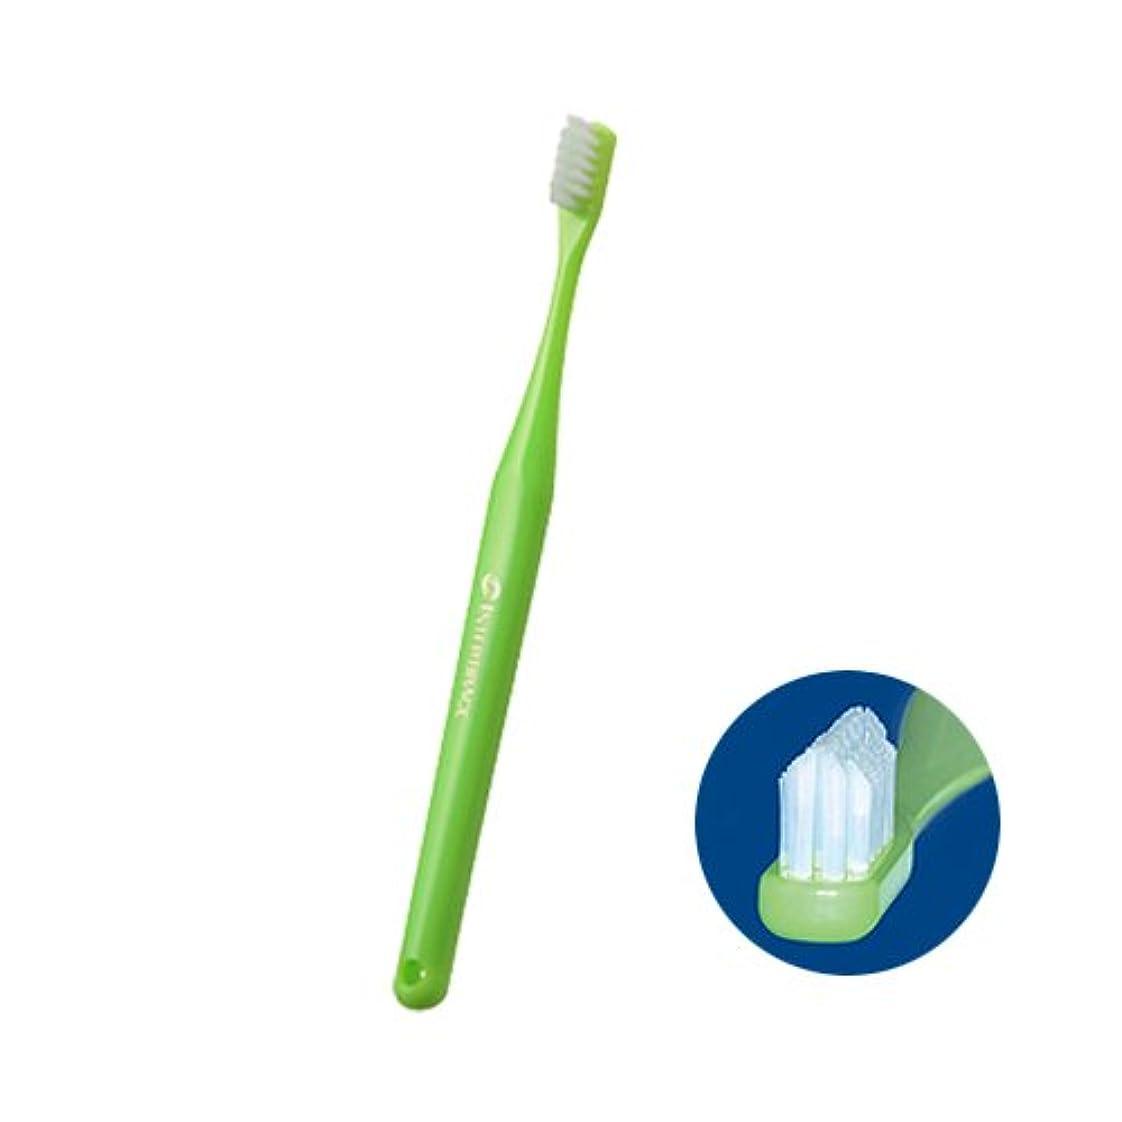 消毒するヒントほめるオーラルケア インターブレイス INTER BRACE 1本 ライトグリーン